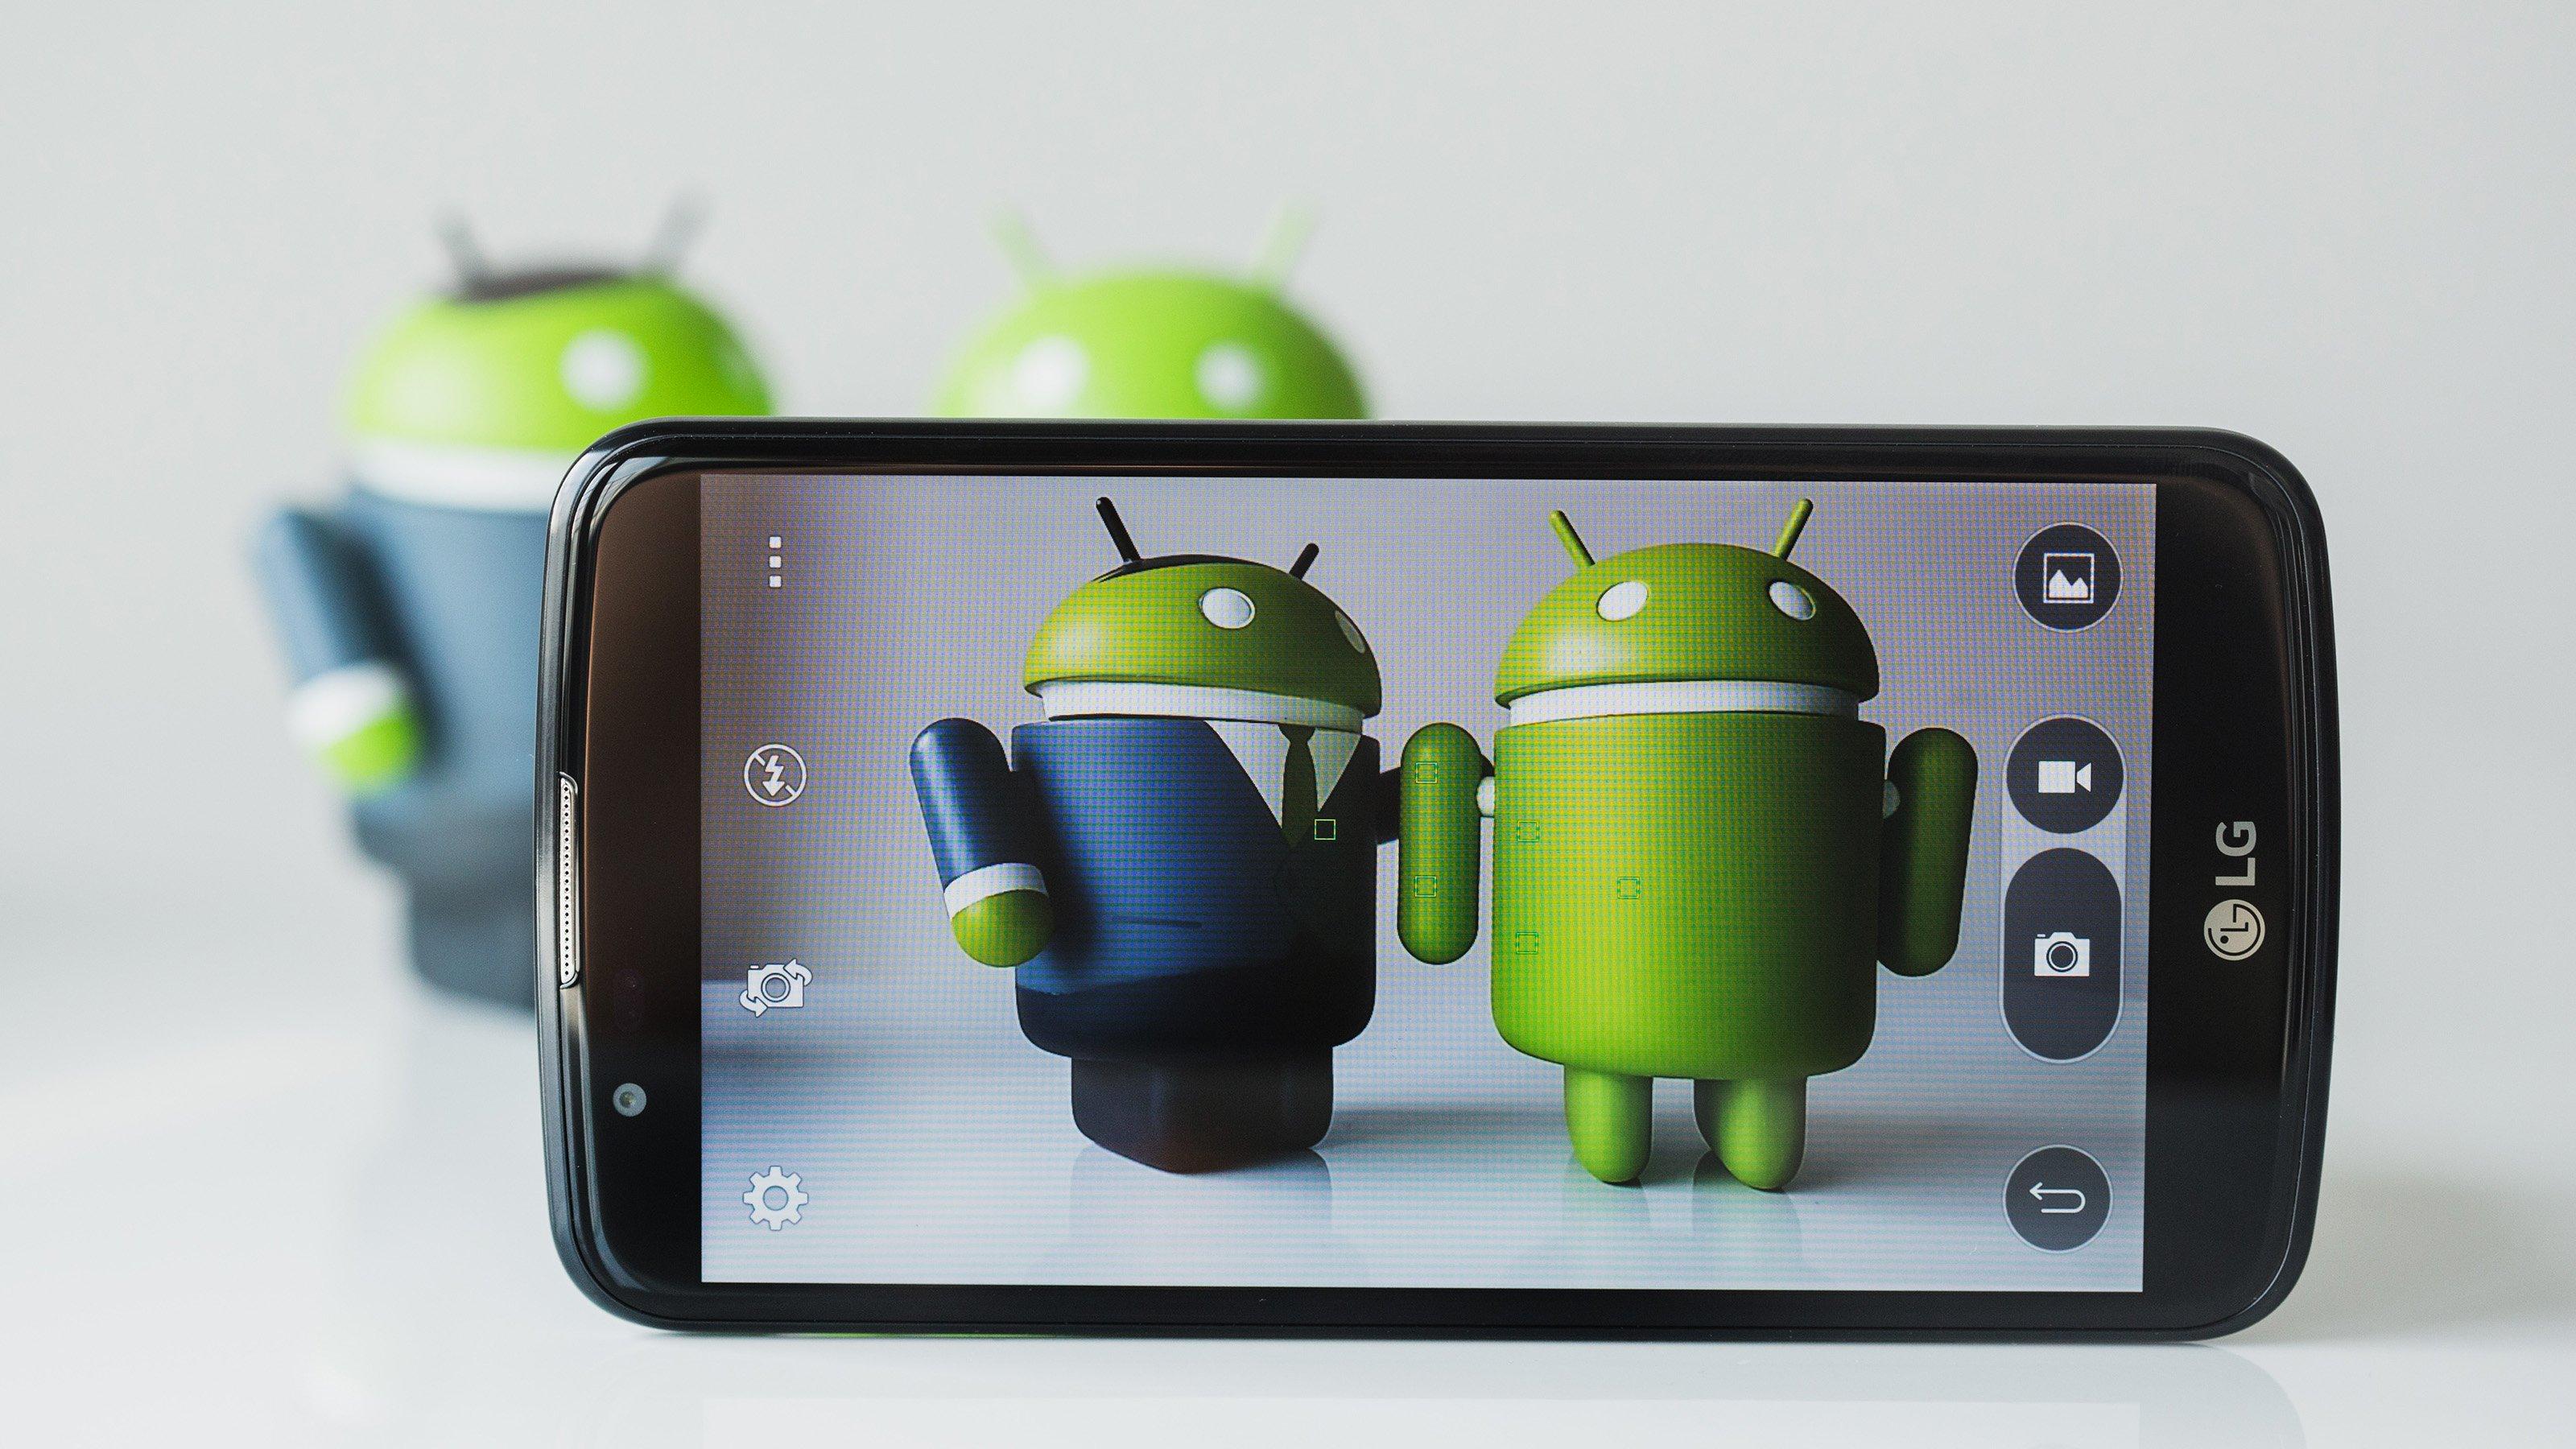 umfrage welches smartphone hat die beste kamera androidpit. Black Bedroom Furniture Sets. Home Design Ideas